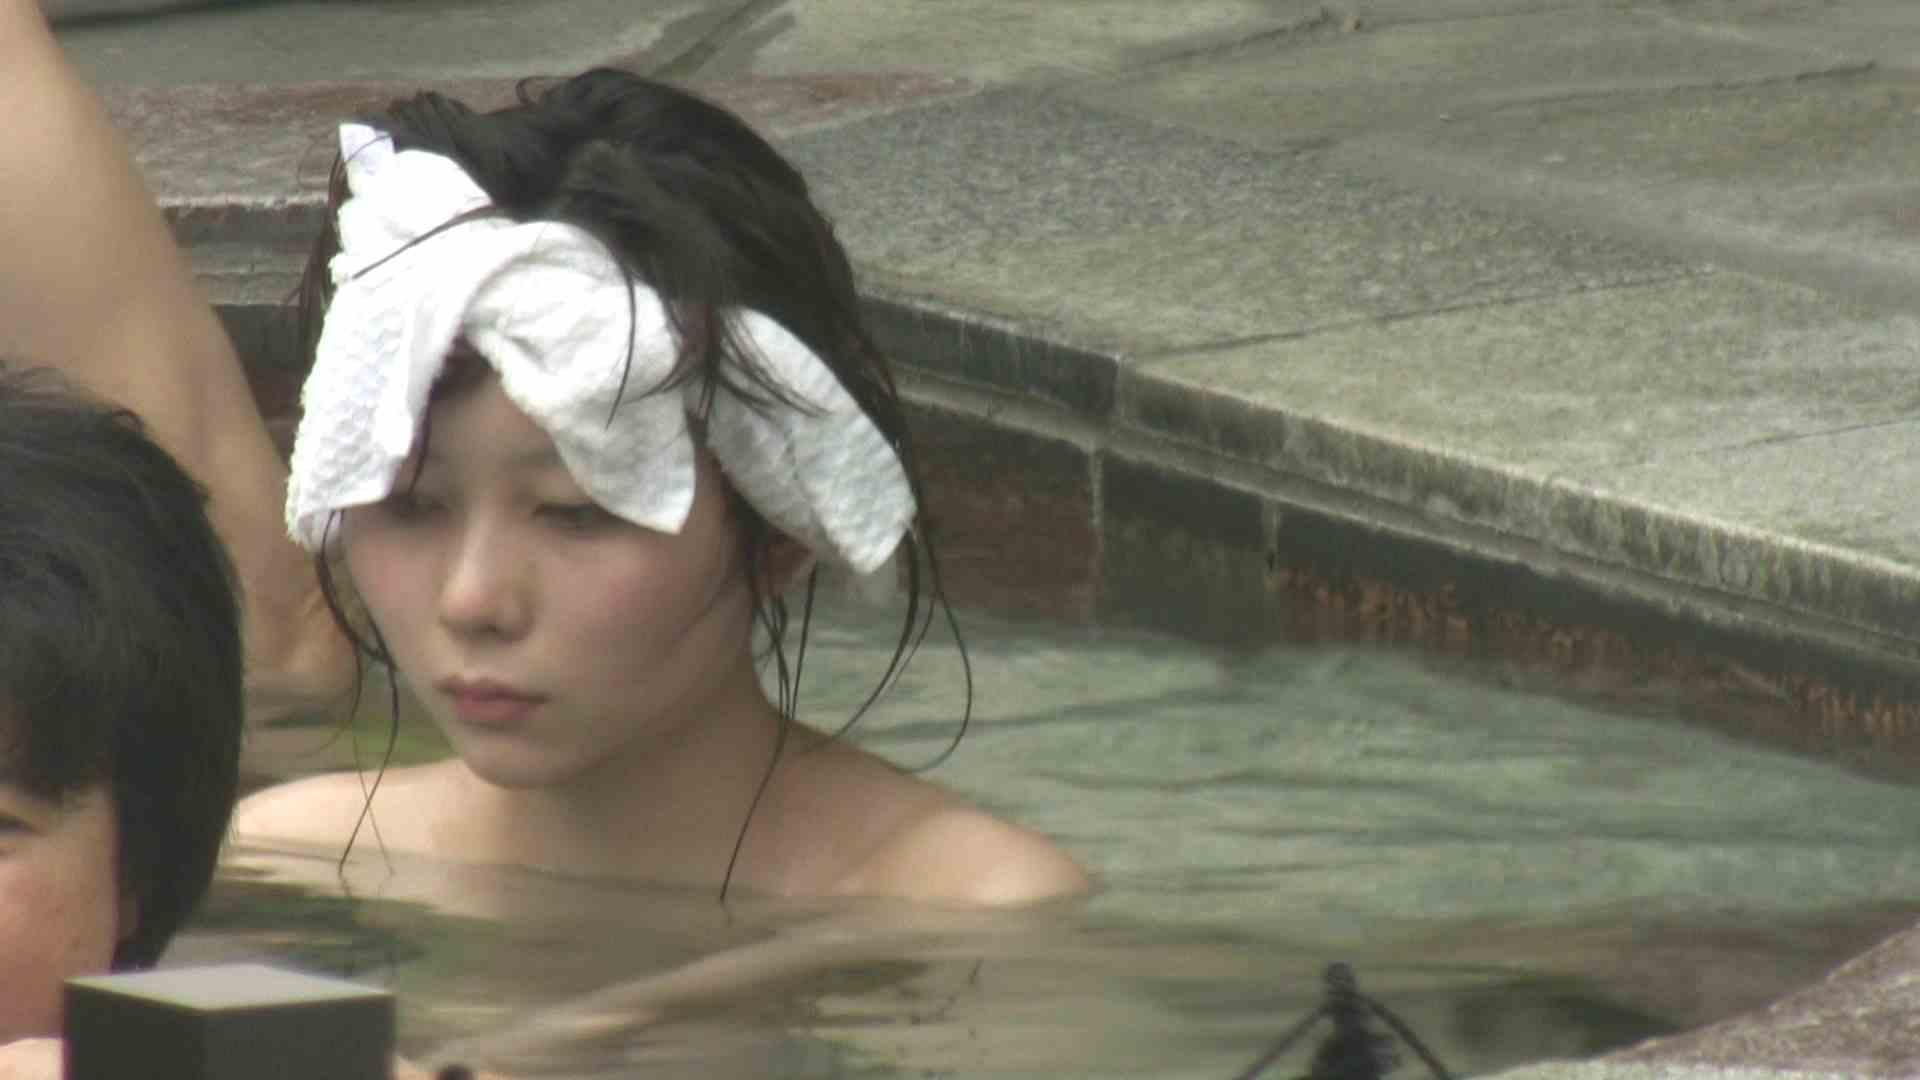 Aquaな露天風呂Vol.147 OLエロ画像 | 露天  84PICs 13